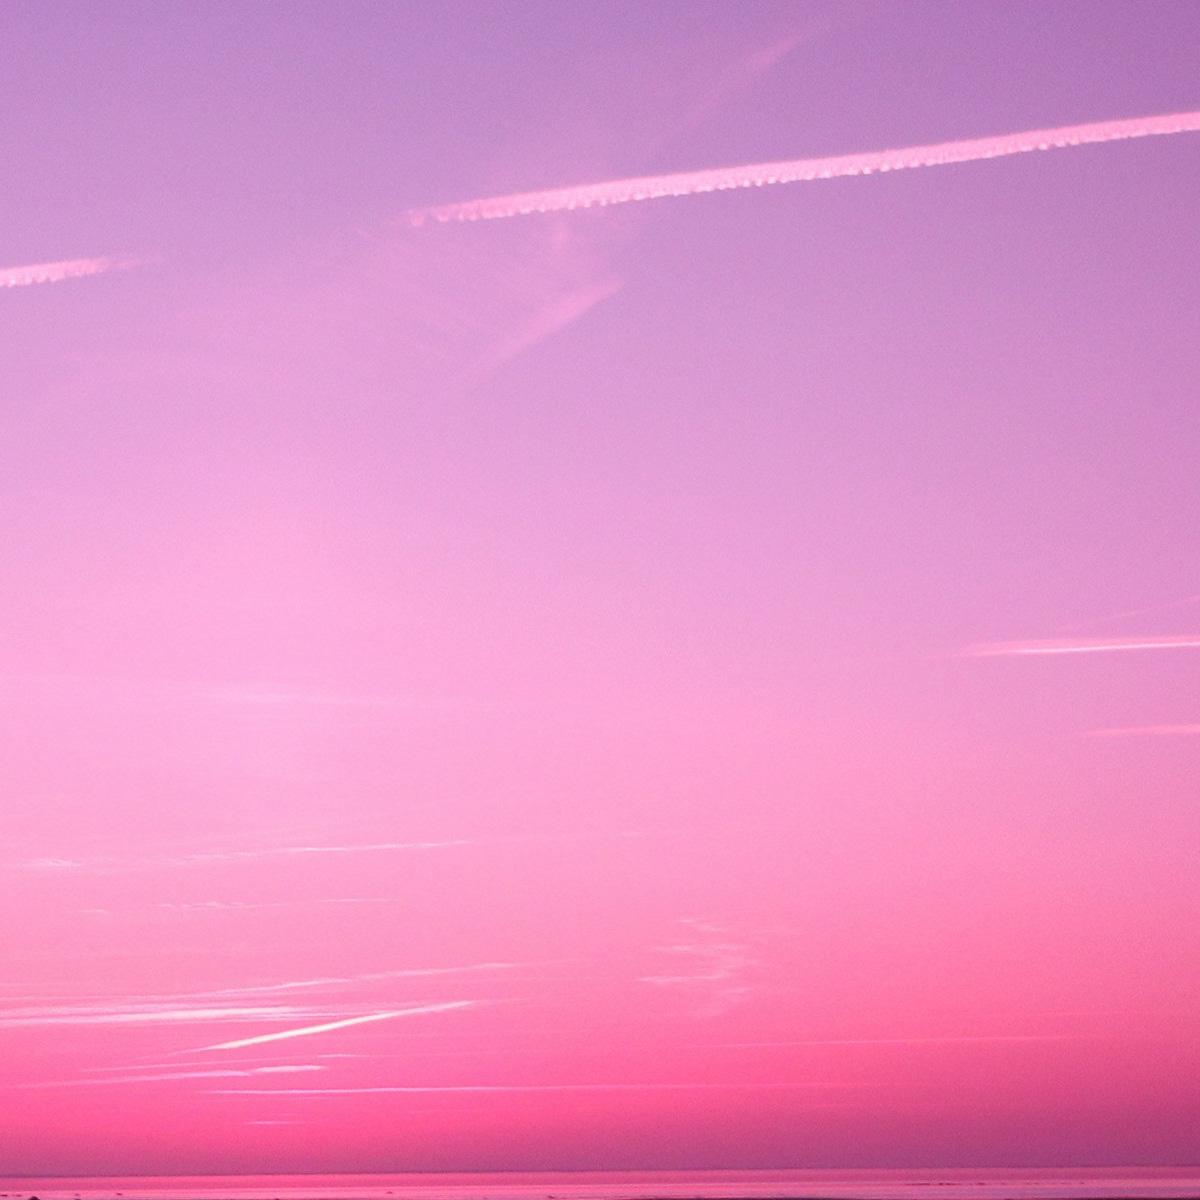 ピンク色のハワイの空